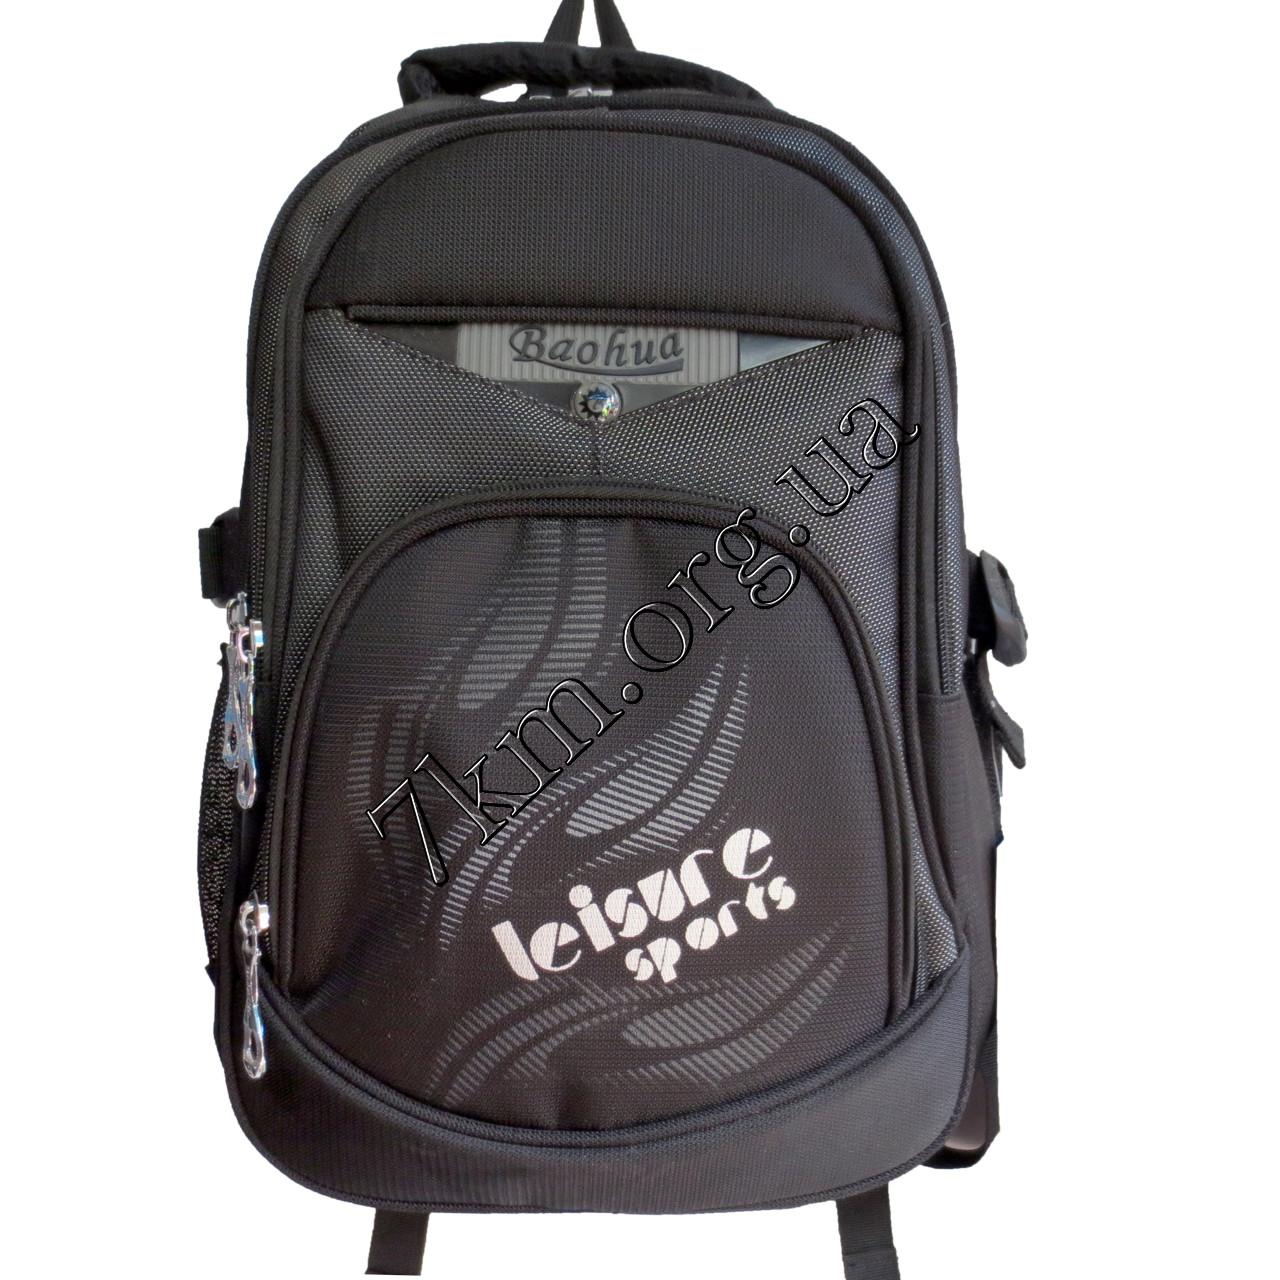 Шкільний рюкзак для хлопчиків CR 4132 2